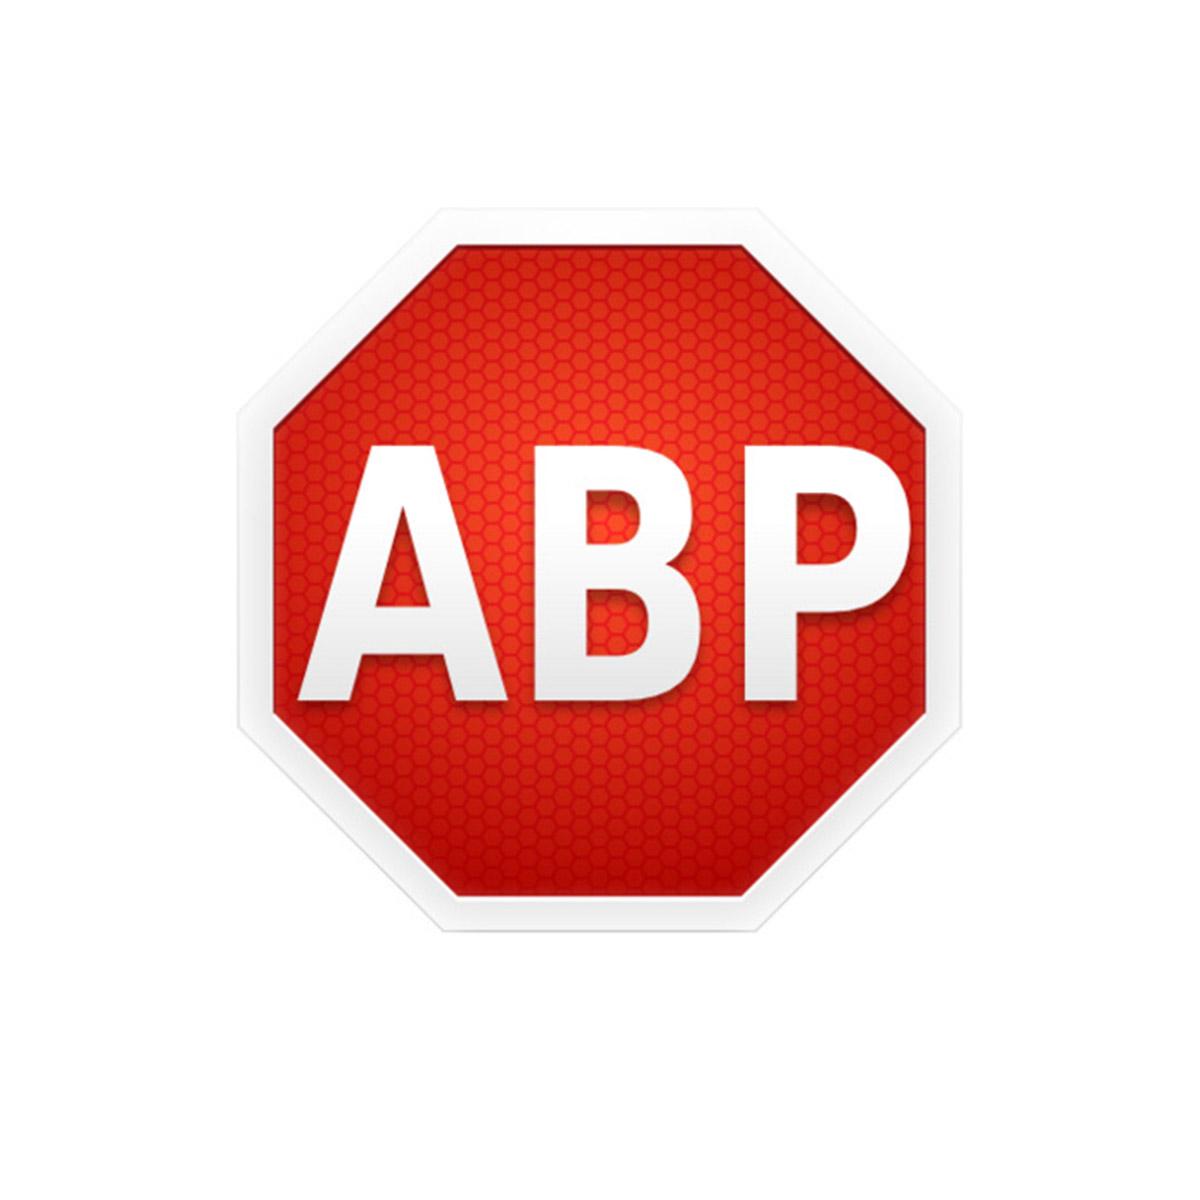 AdBlock Plus zmienia zasady gry. Zaczyna pokazywać reklamy.